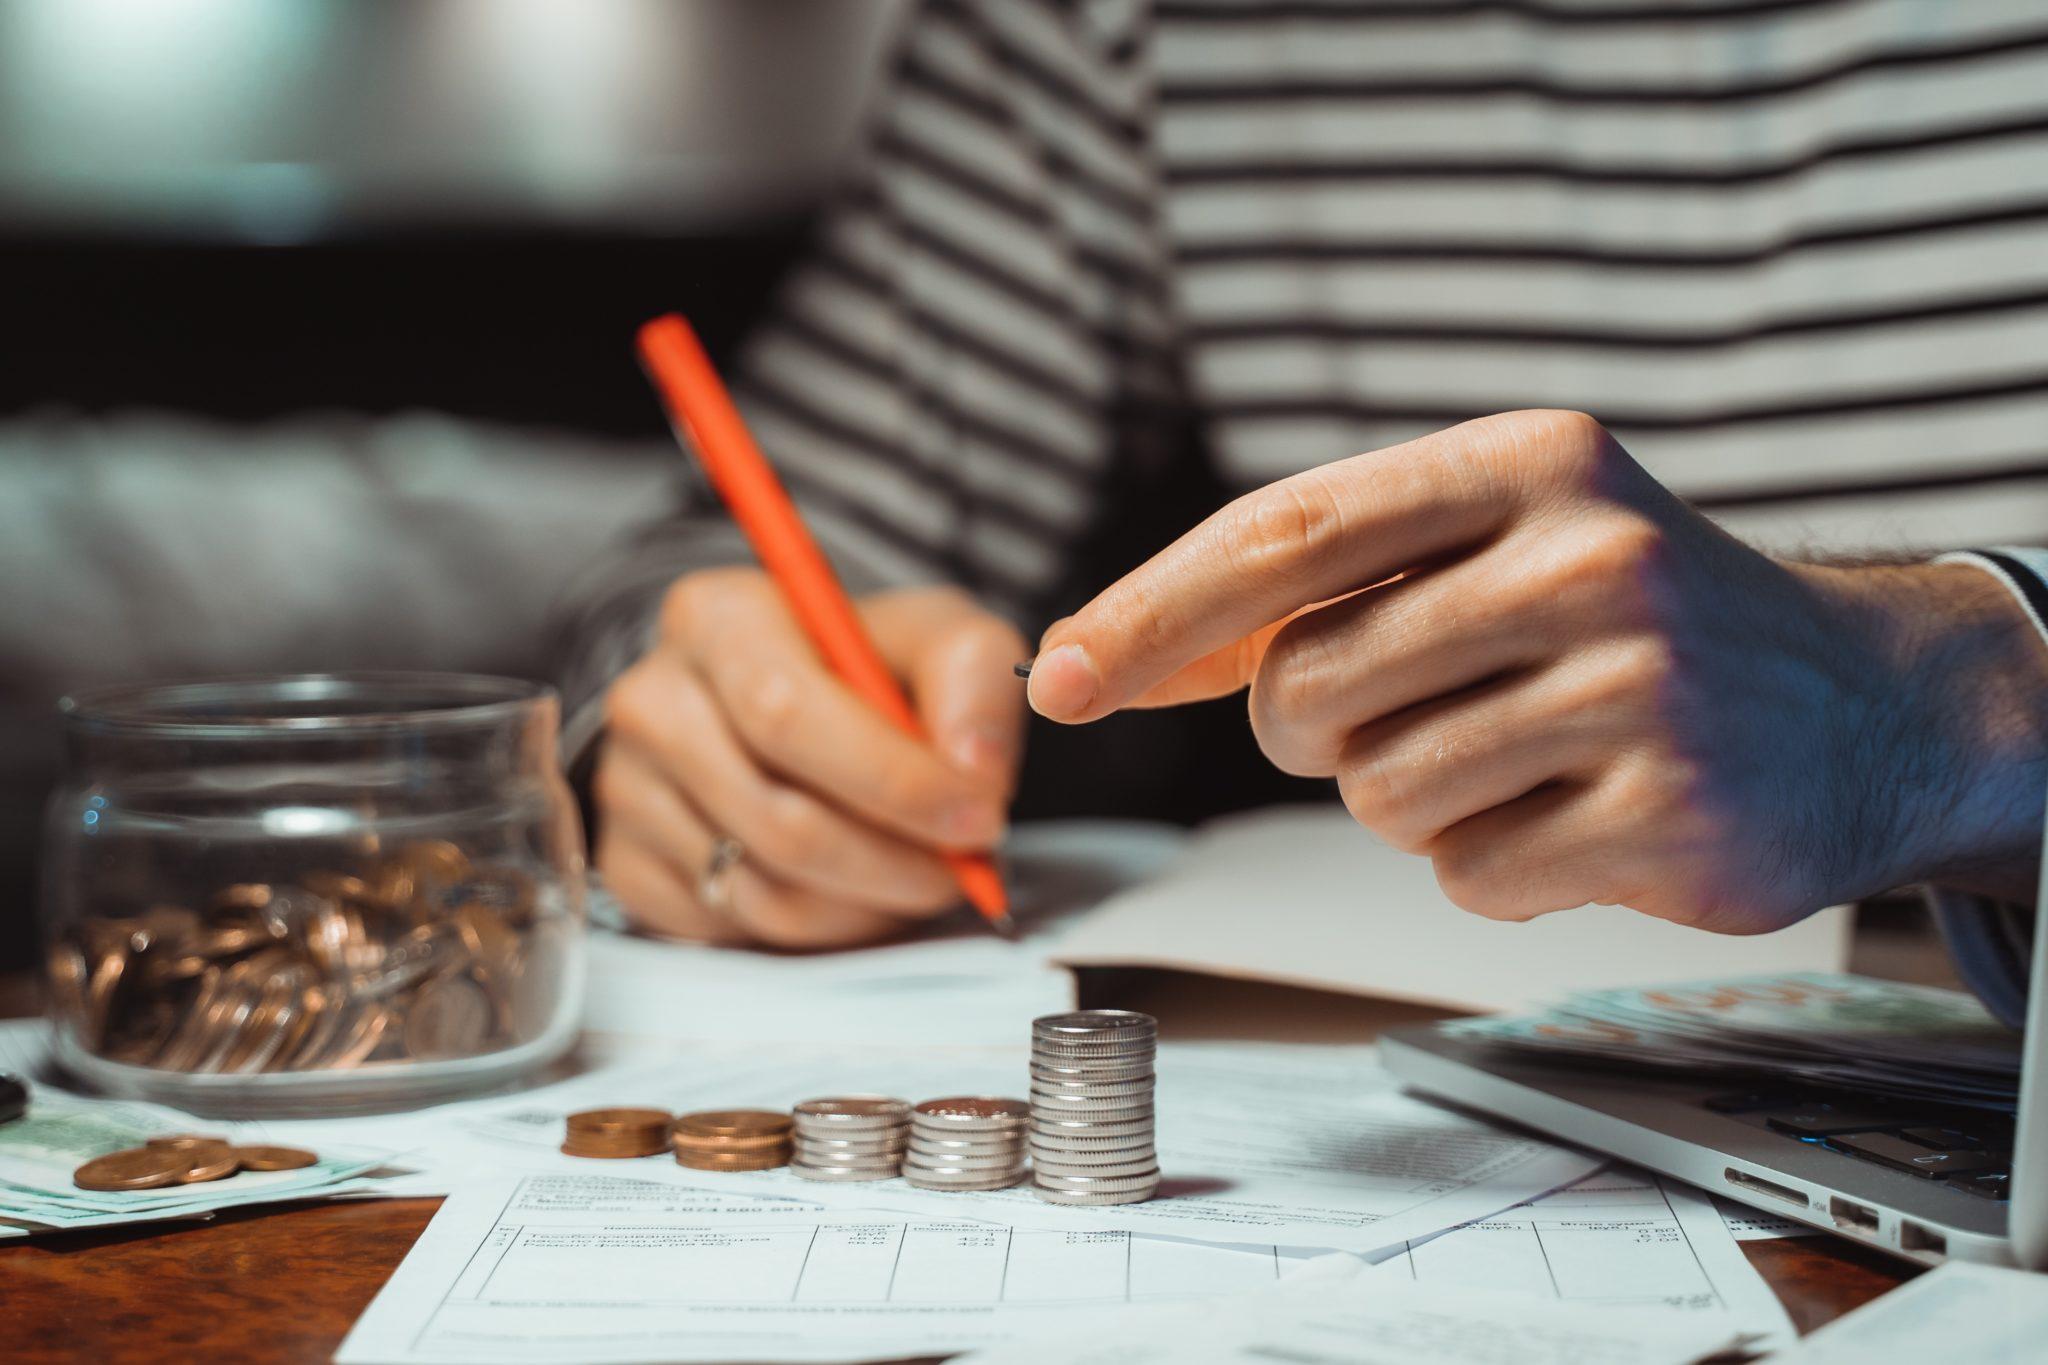 Mão de pessoa segurando lápis fazendo cálculo cálculo